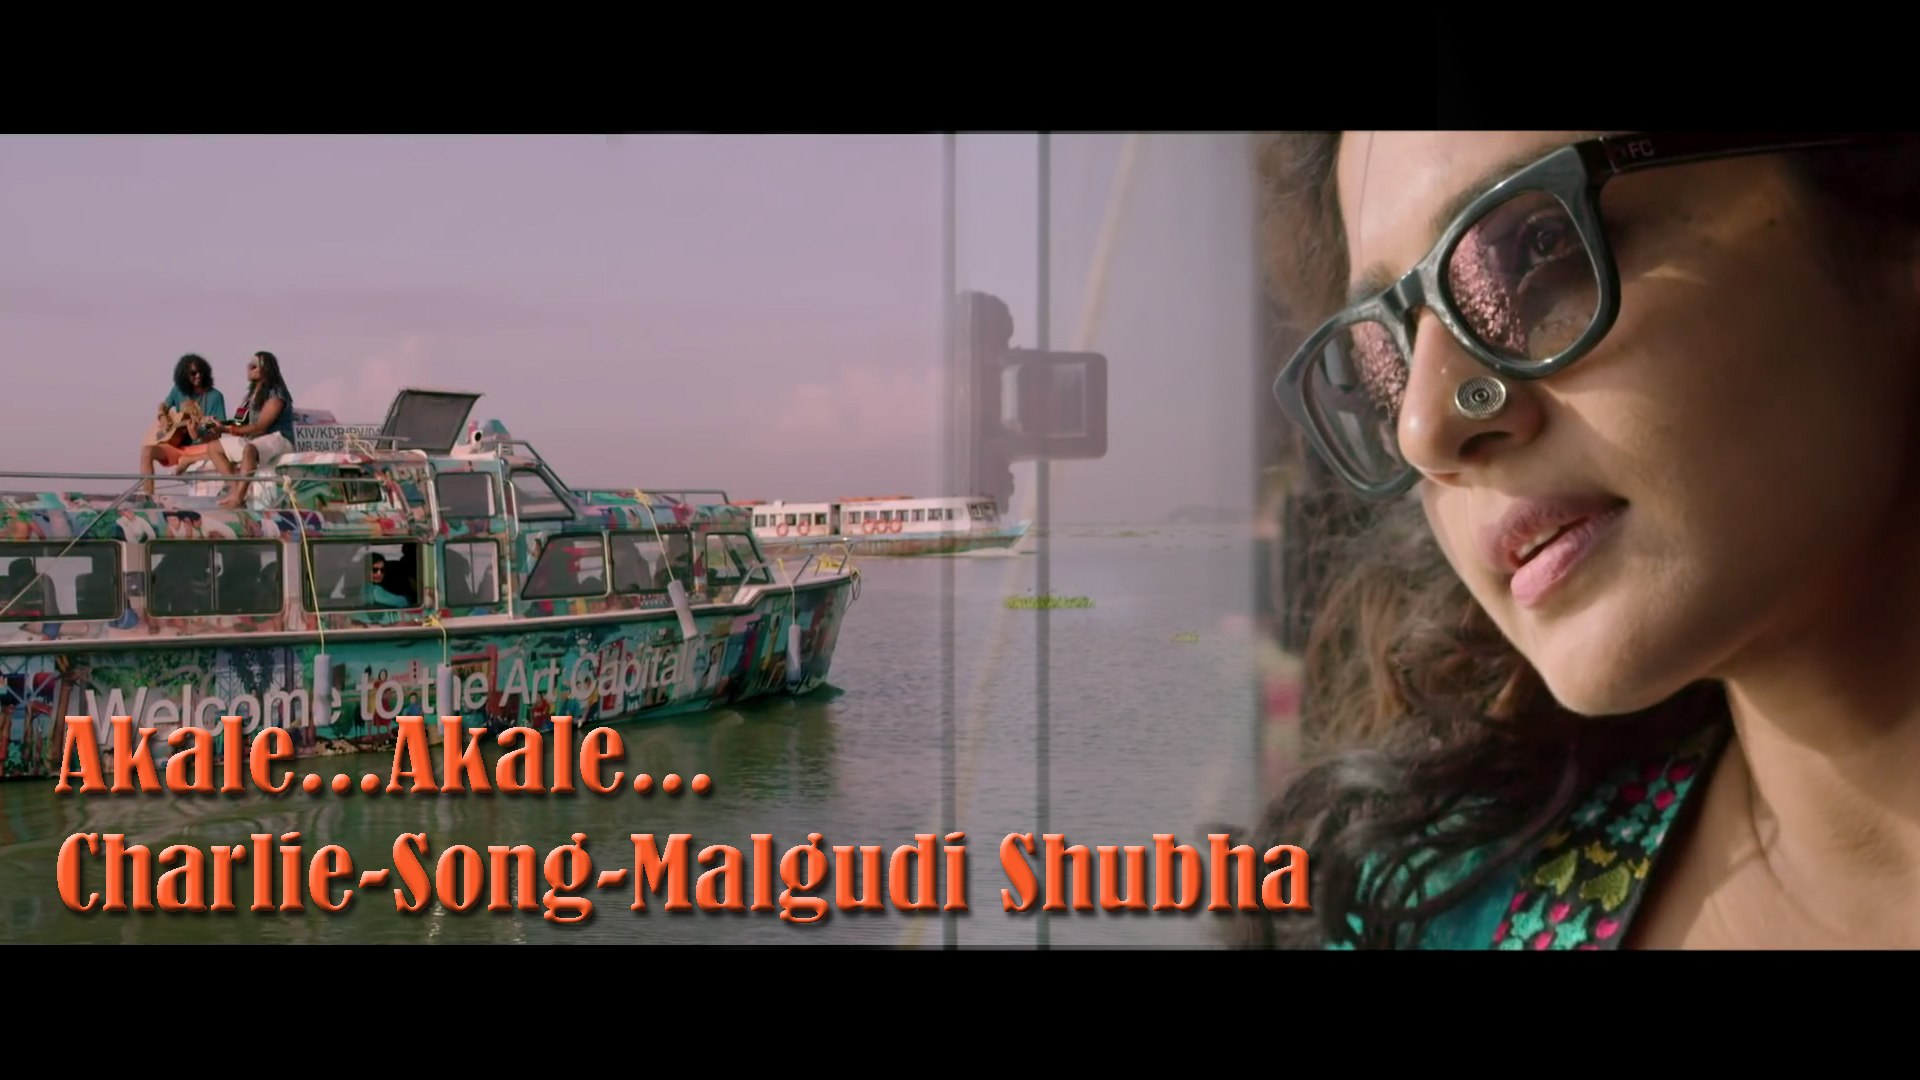 anadhi yugangalai song